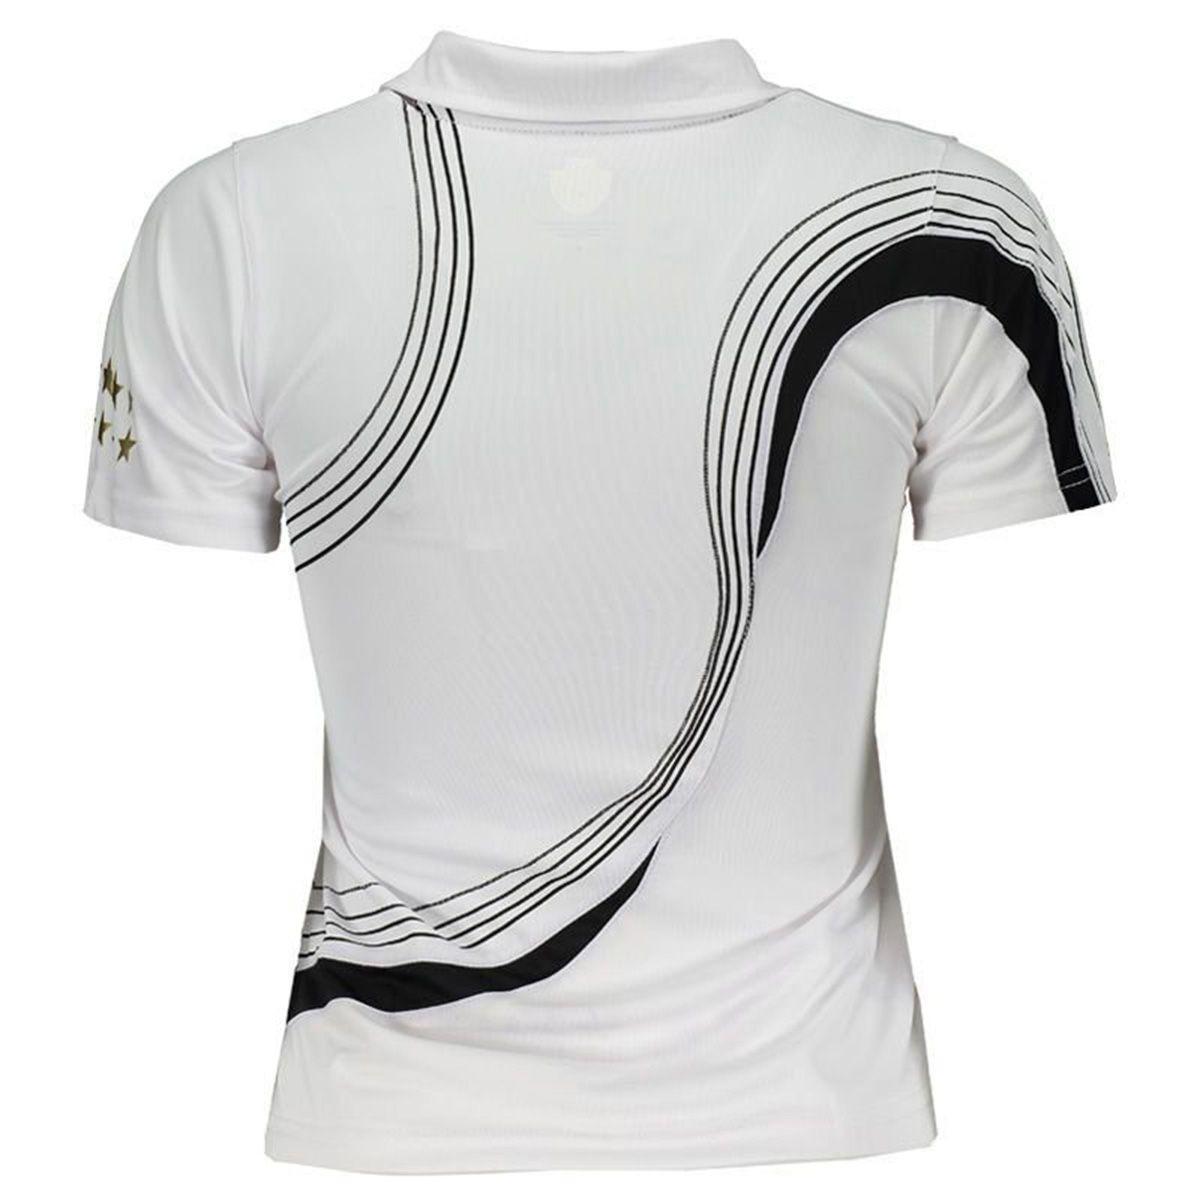 ce0a8ff508674 Carregando zoom... feminina vasco camisa. Carregando zoom... camisa polo  feminina vasco da gama logo lateral oficial +nf